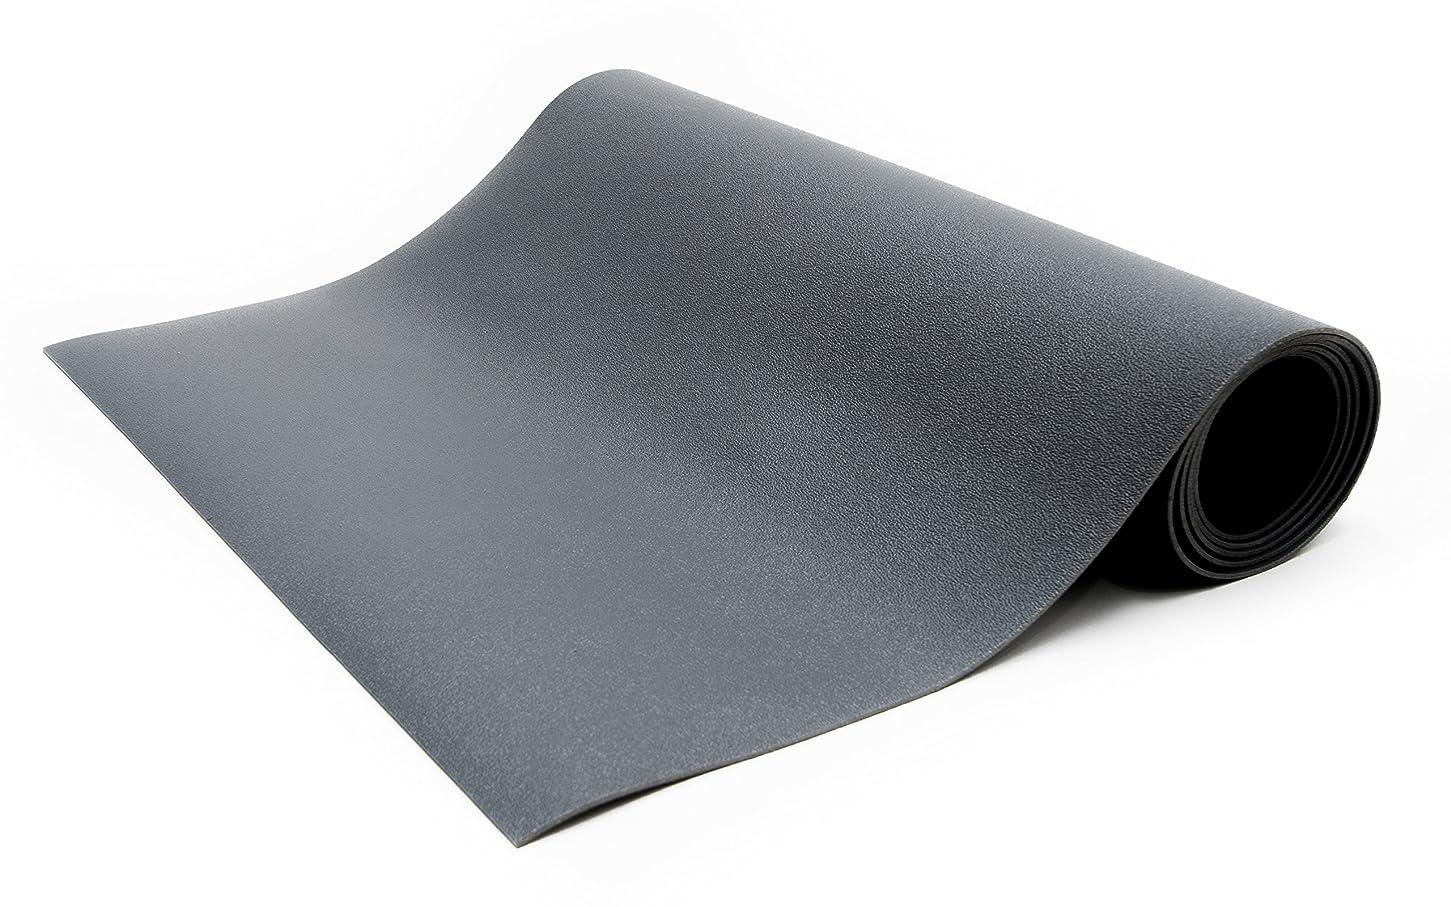 キャメルダム落ちたBertech ESD 椅子マットロール 厚さ0.375インチ グレー 3' Wide x 10' Long x 0.190